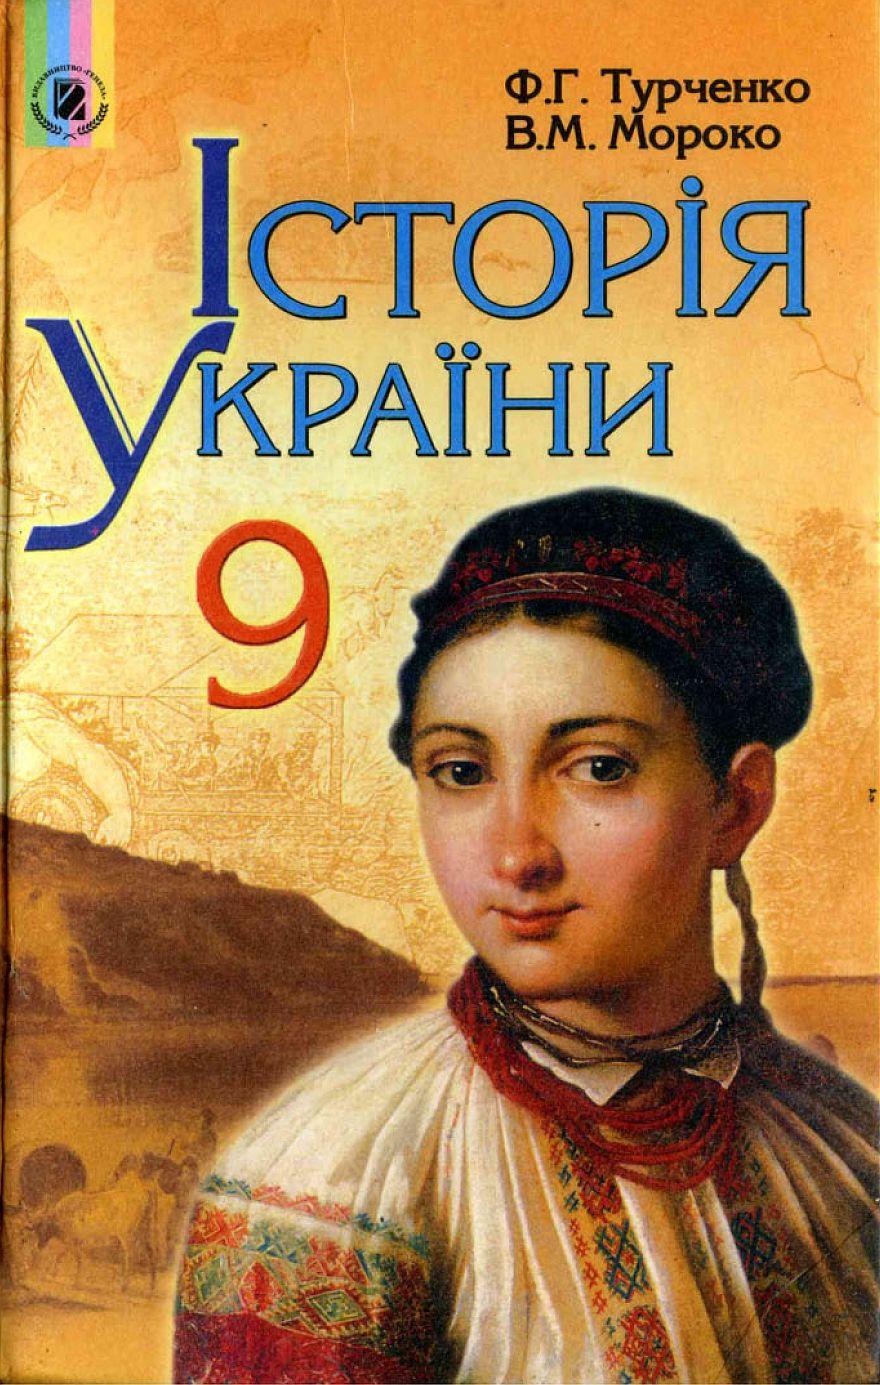 Історія України 9 клас Турченко